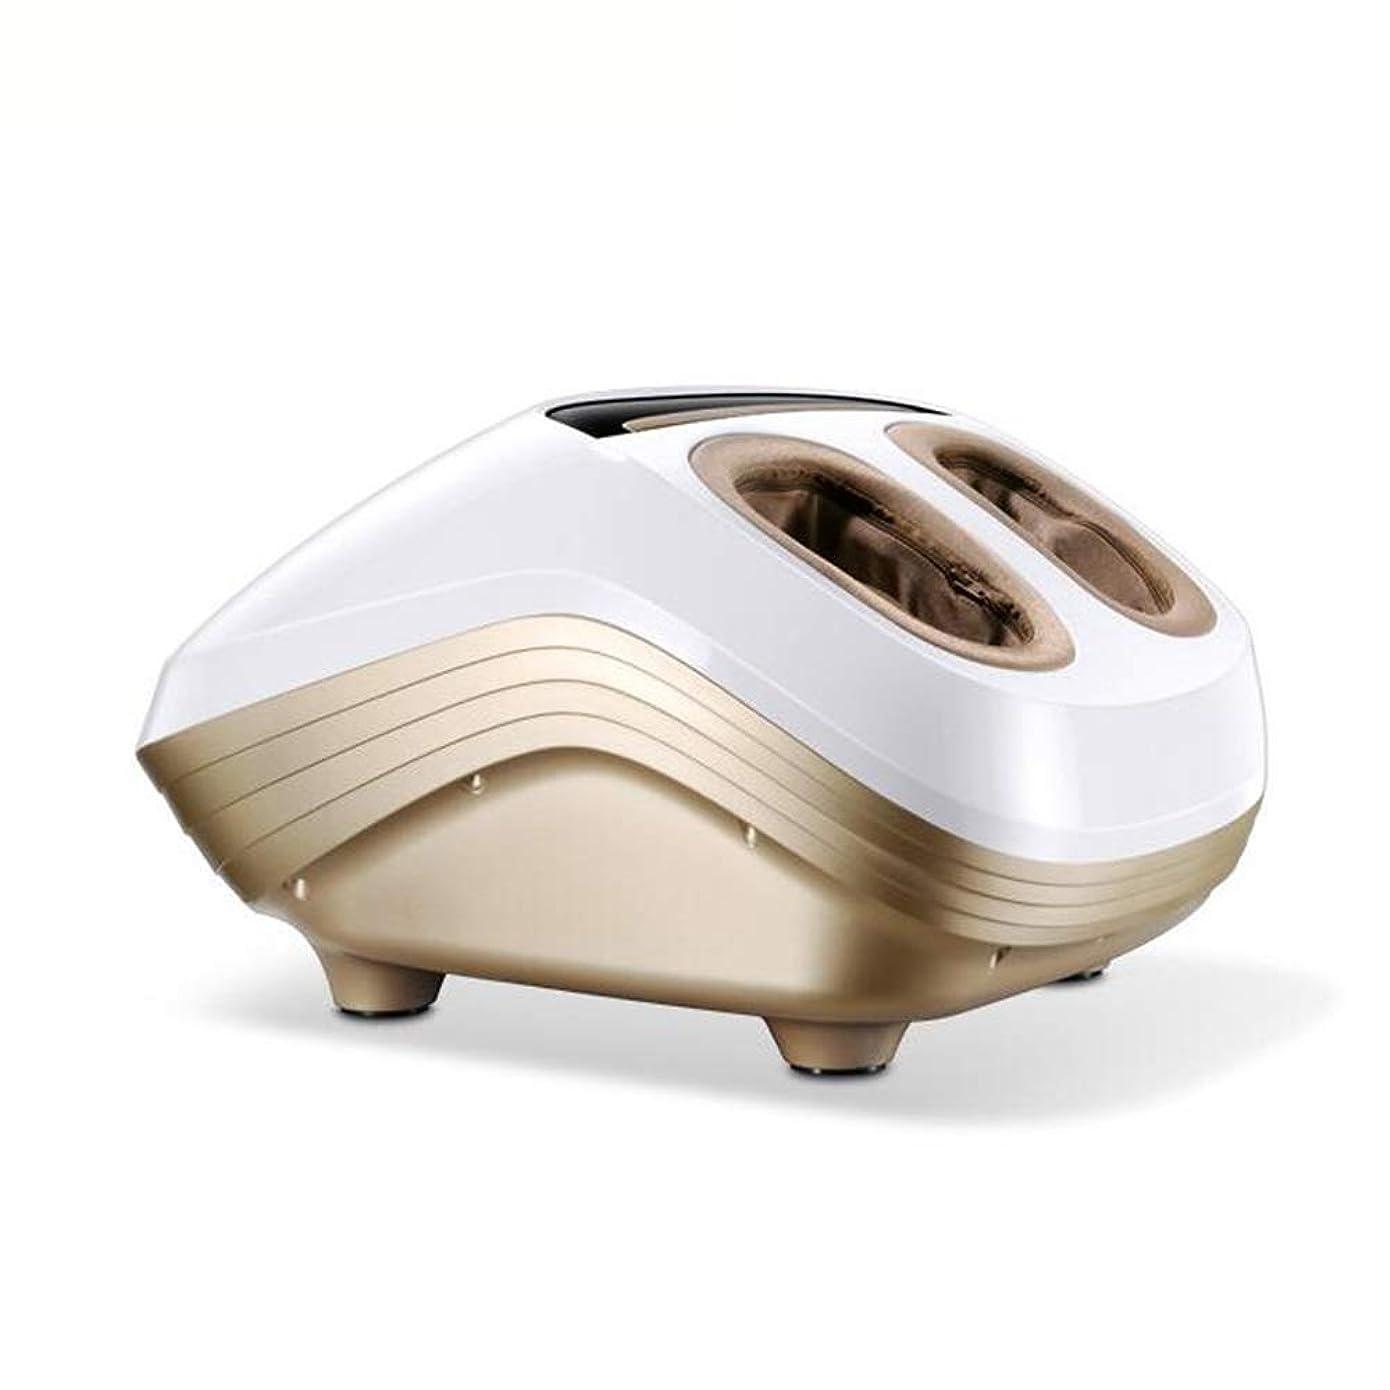 希望に満ちたジム不完全JIAYUAN マッサージクッション フットマッサージャー、熱機能付き電動指圧フットマッサージ機、調整可能な強度、空気圧、深部3D混練ローリング振動は足底筋膜炎を緩和します